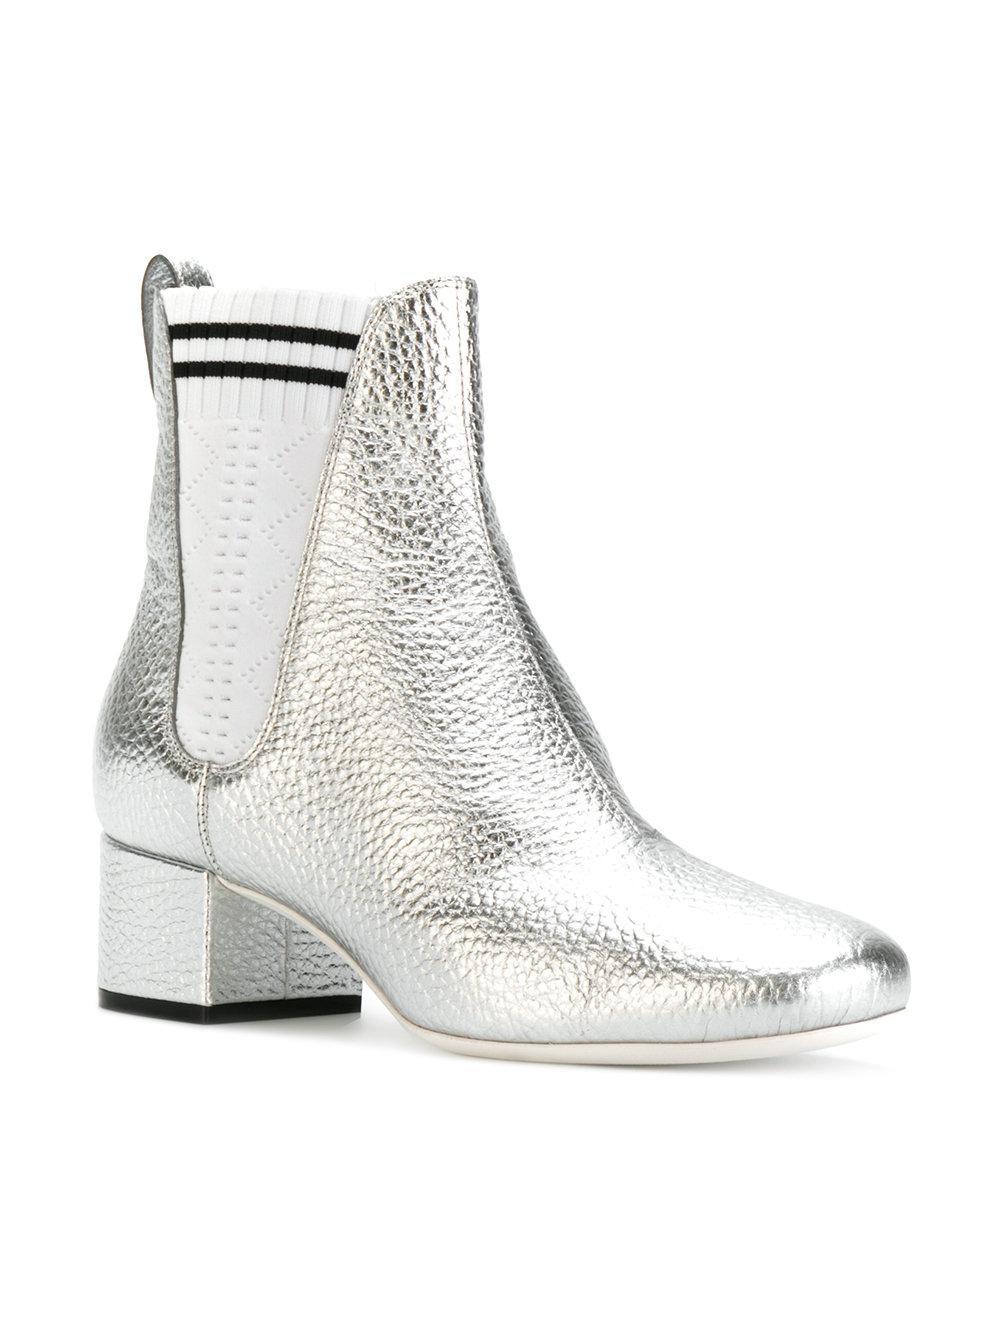 sock detail Chelsea boots - Metallic Fendi Outlet Best Sale wUrObfcG2